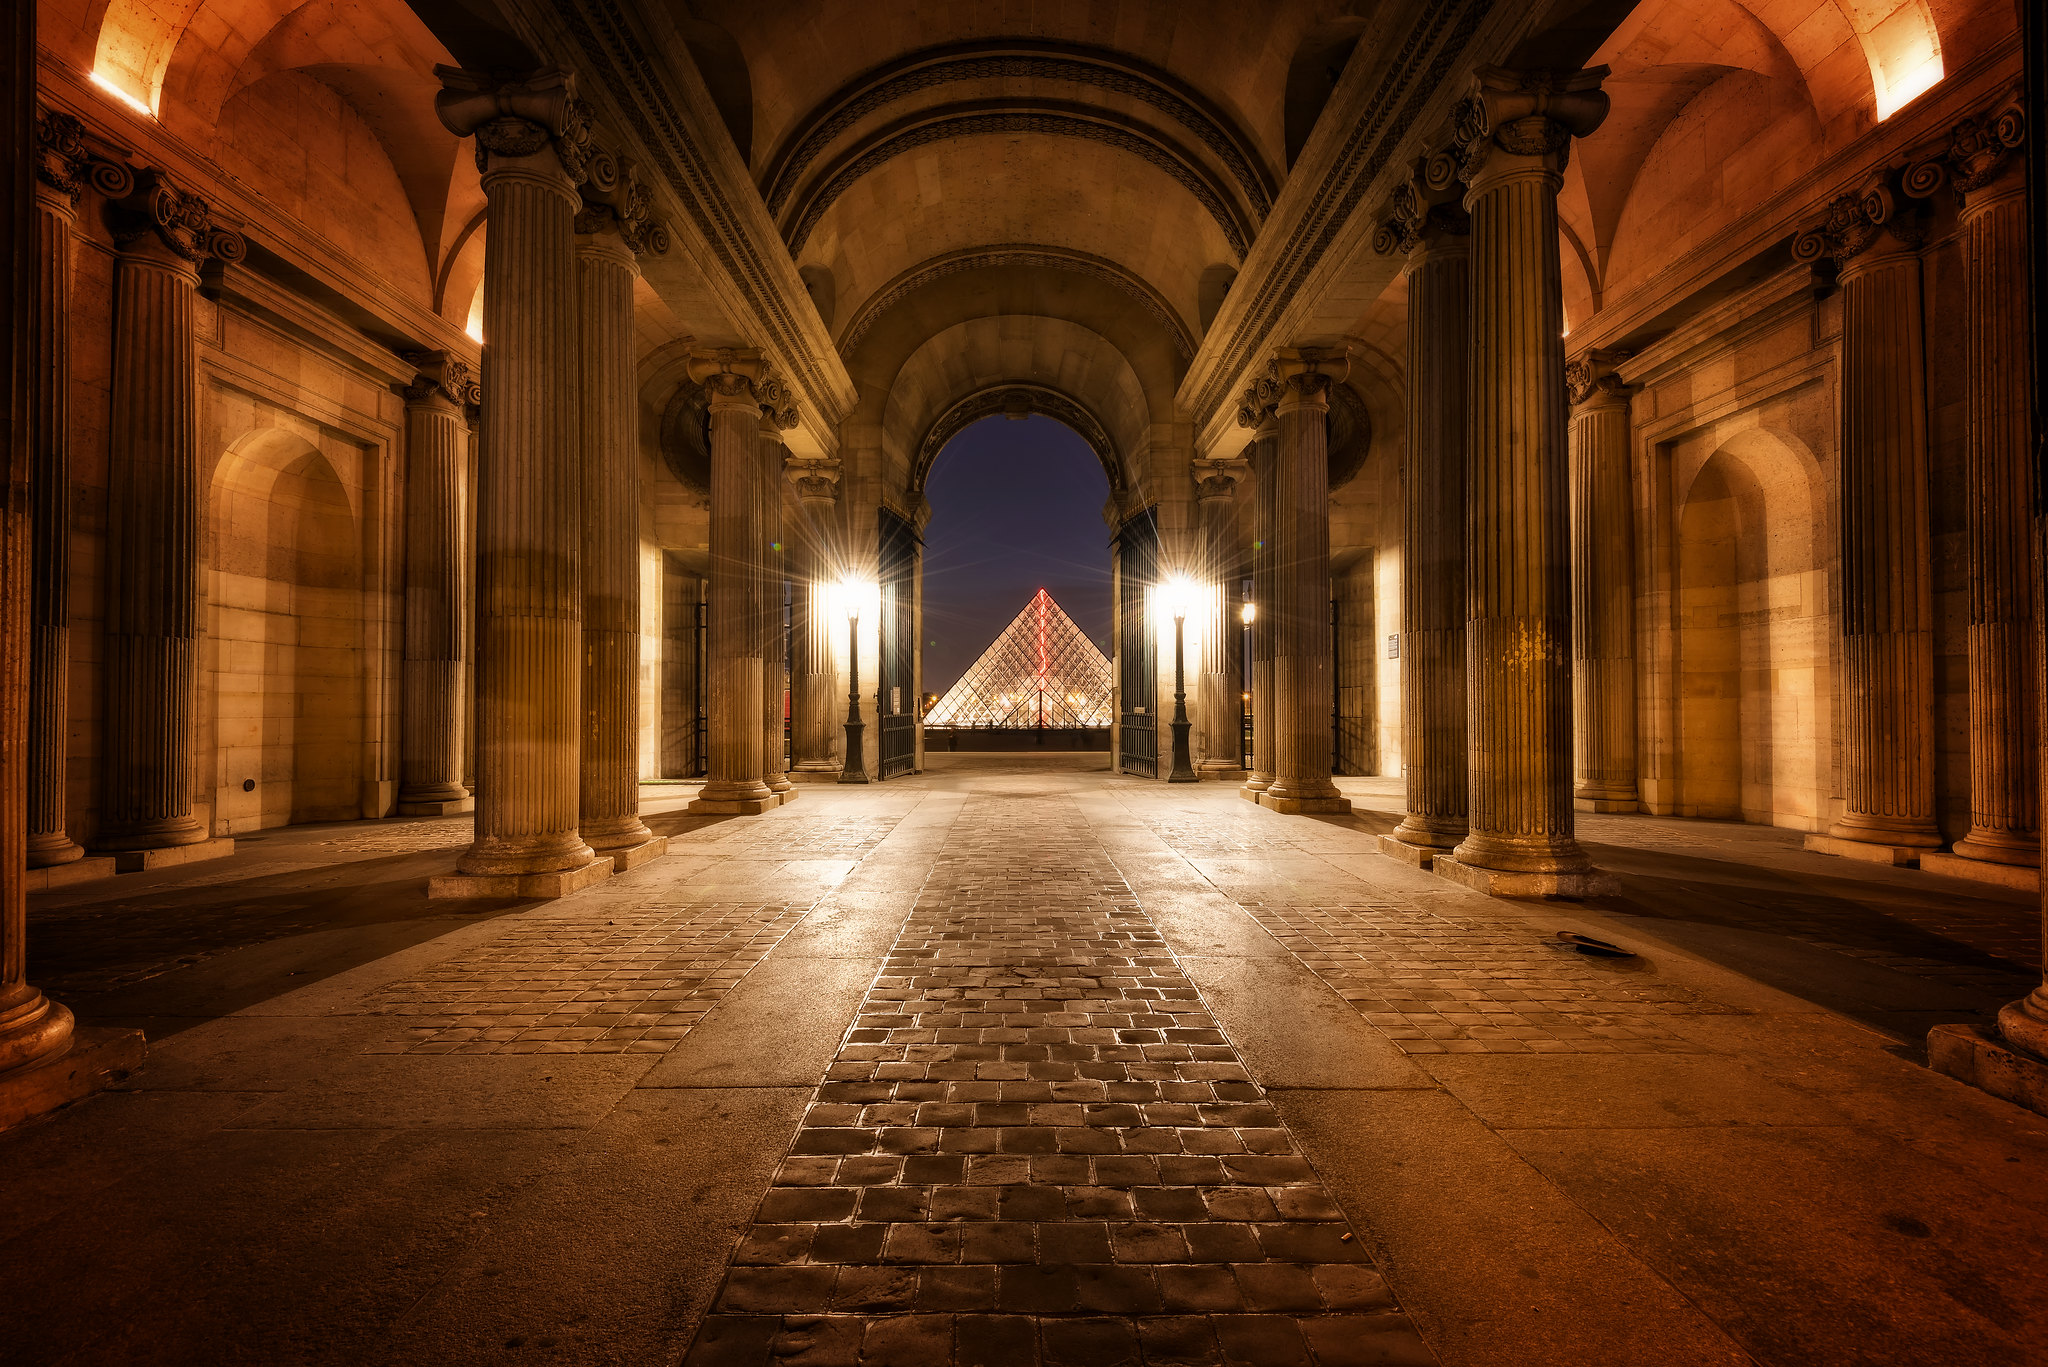 Romantic evening at the louvre paris france flickr for Romantic evening in paris